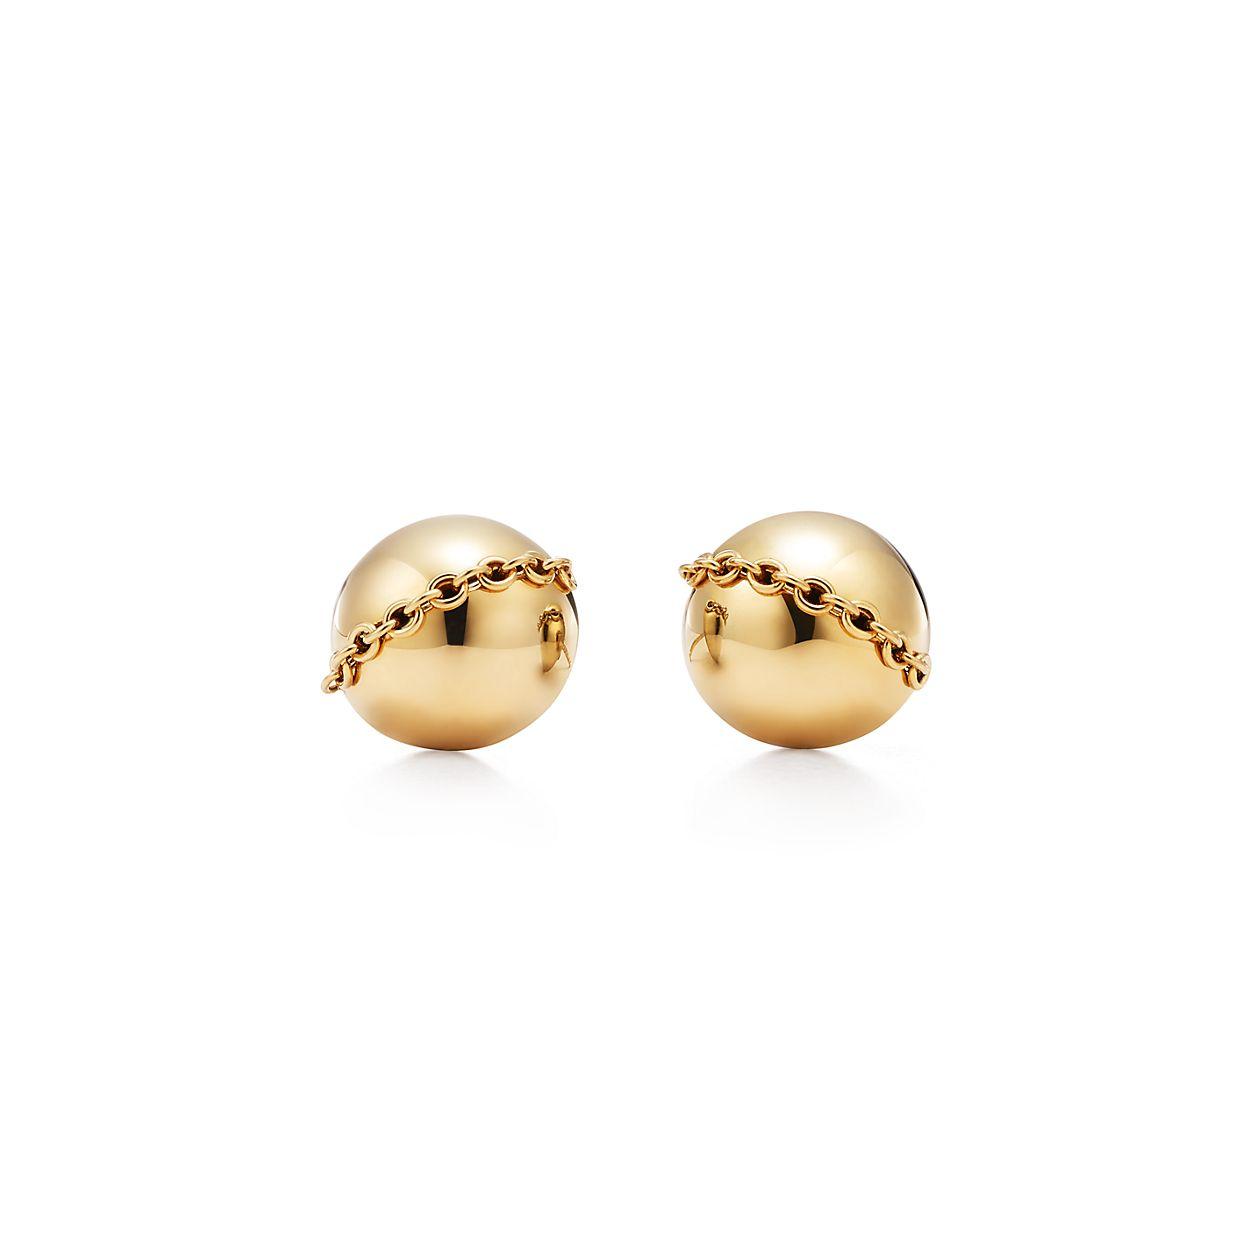 Tiffany HardWear bolt stud earrings in 18k gold. | Tiffany & Co.